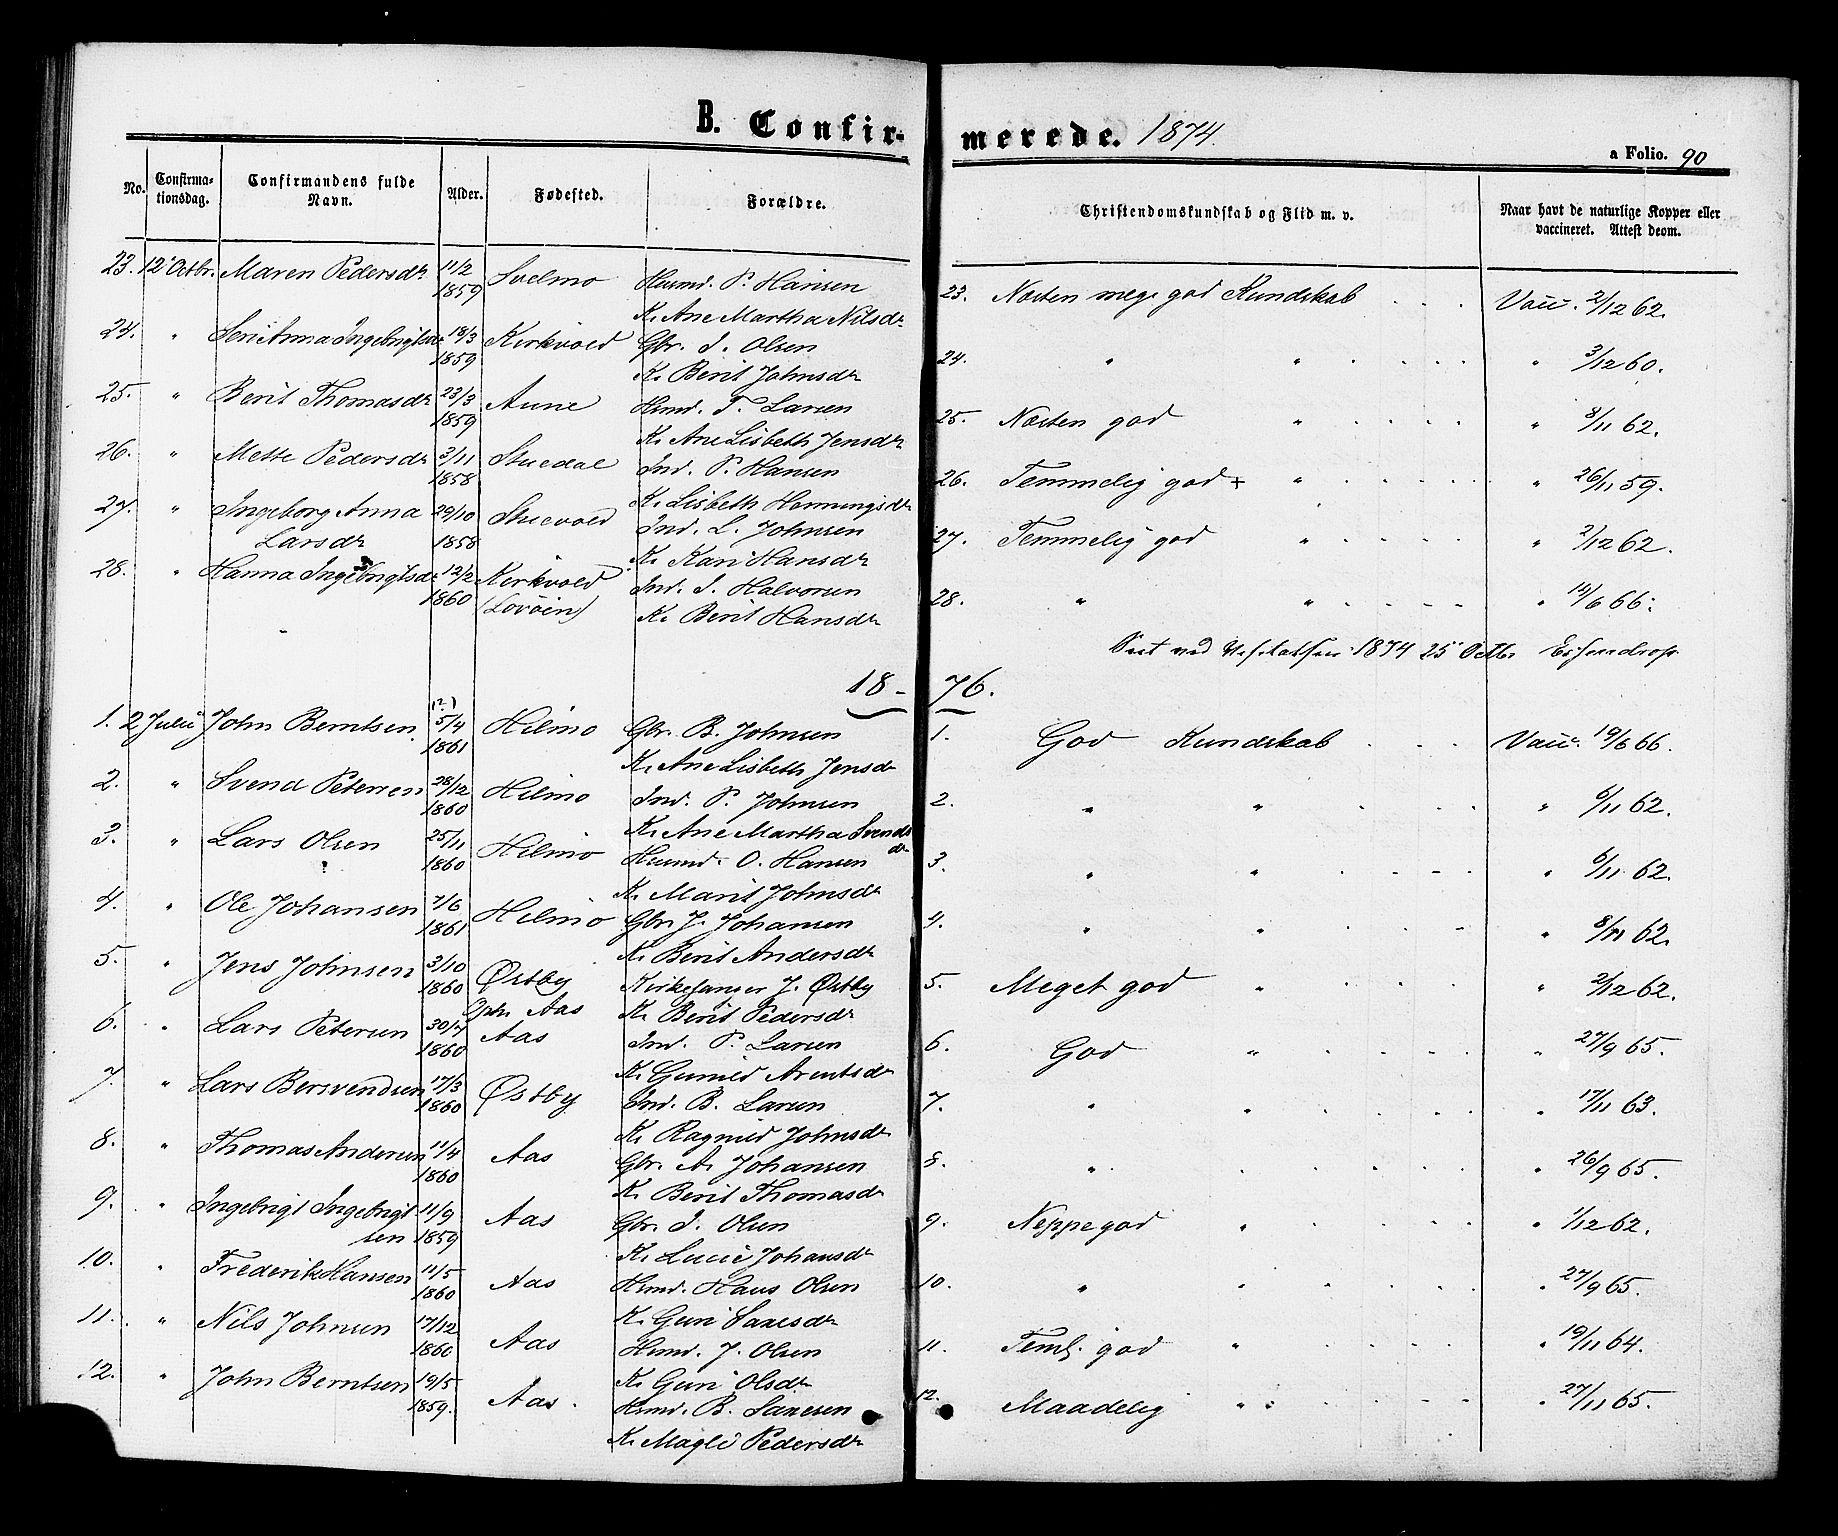 SAT, Ministerialprotokoller, klokkerbøker og fødselsregistre - Sør-Trøndelag, 698/L1163: Ministerialbok nr. 698A01, 1862-1887, s. 90